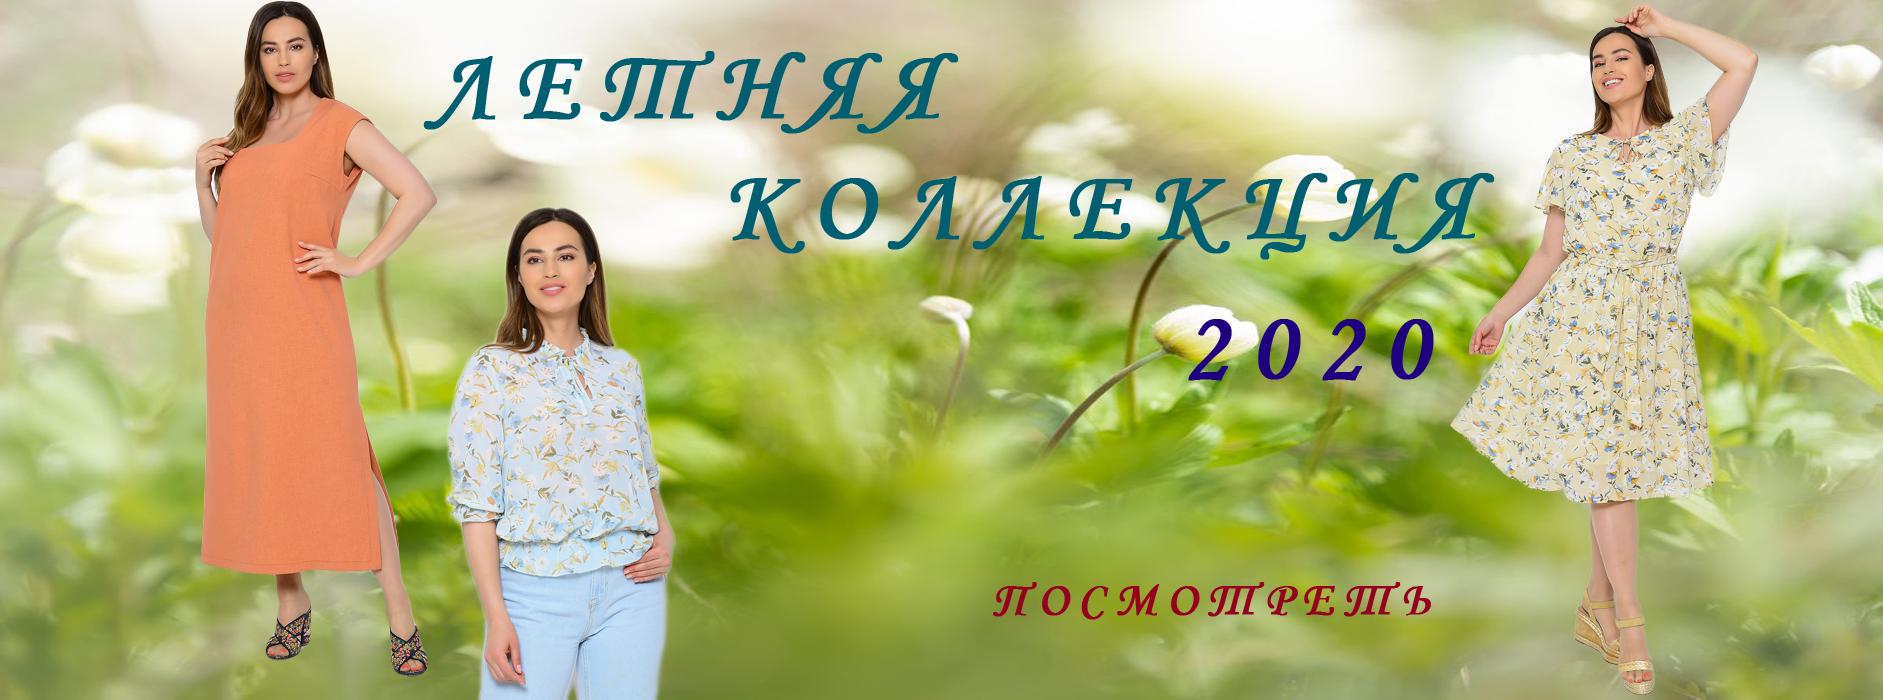 Летняя коллекция 2020